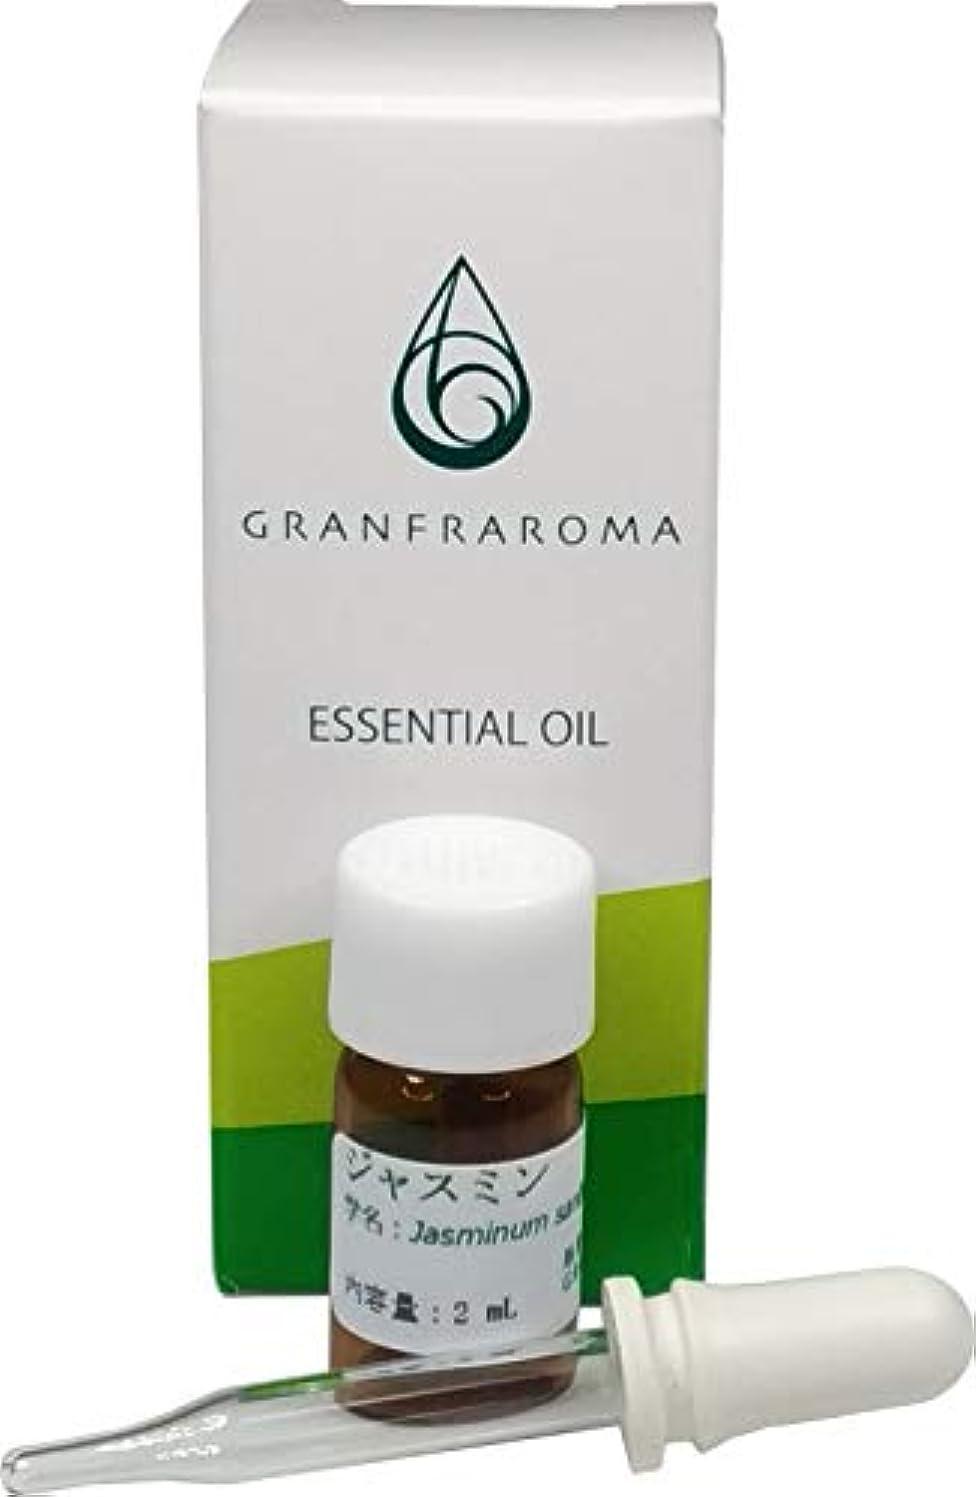 問い合わせる黒人パス(グランフラローマ)GRANFRAROMA 精油 ジャスミン エッセンシャルオイル 2ml